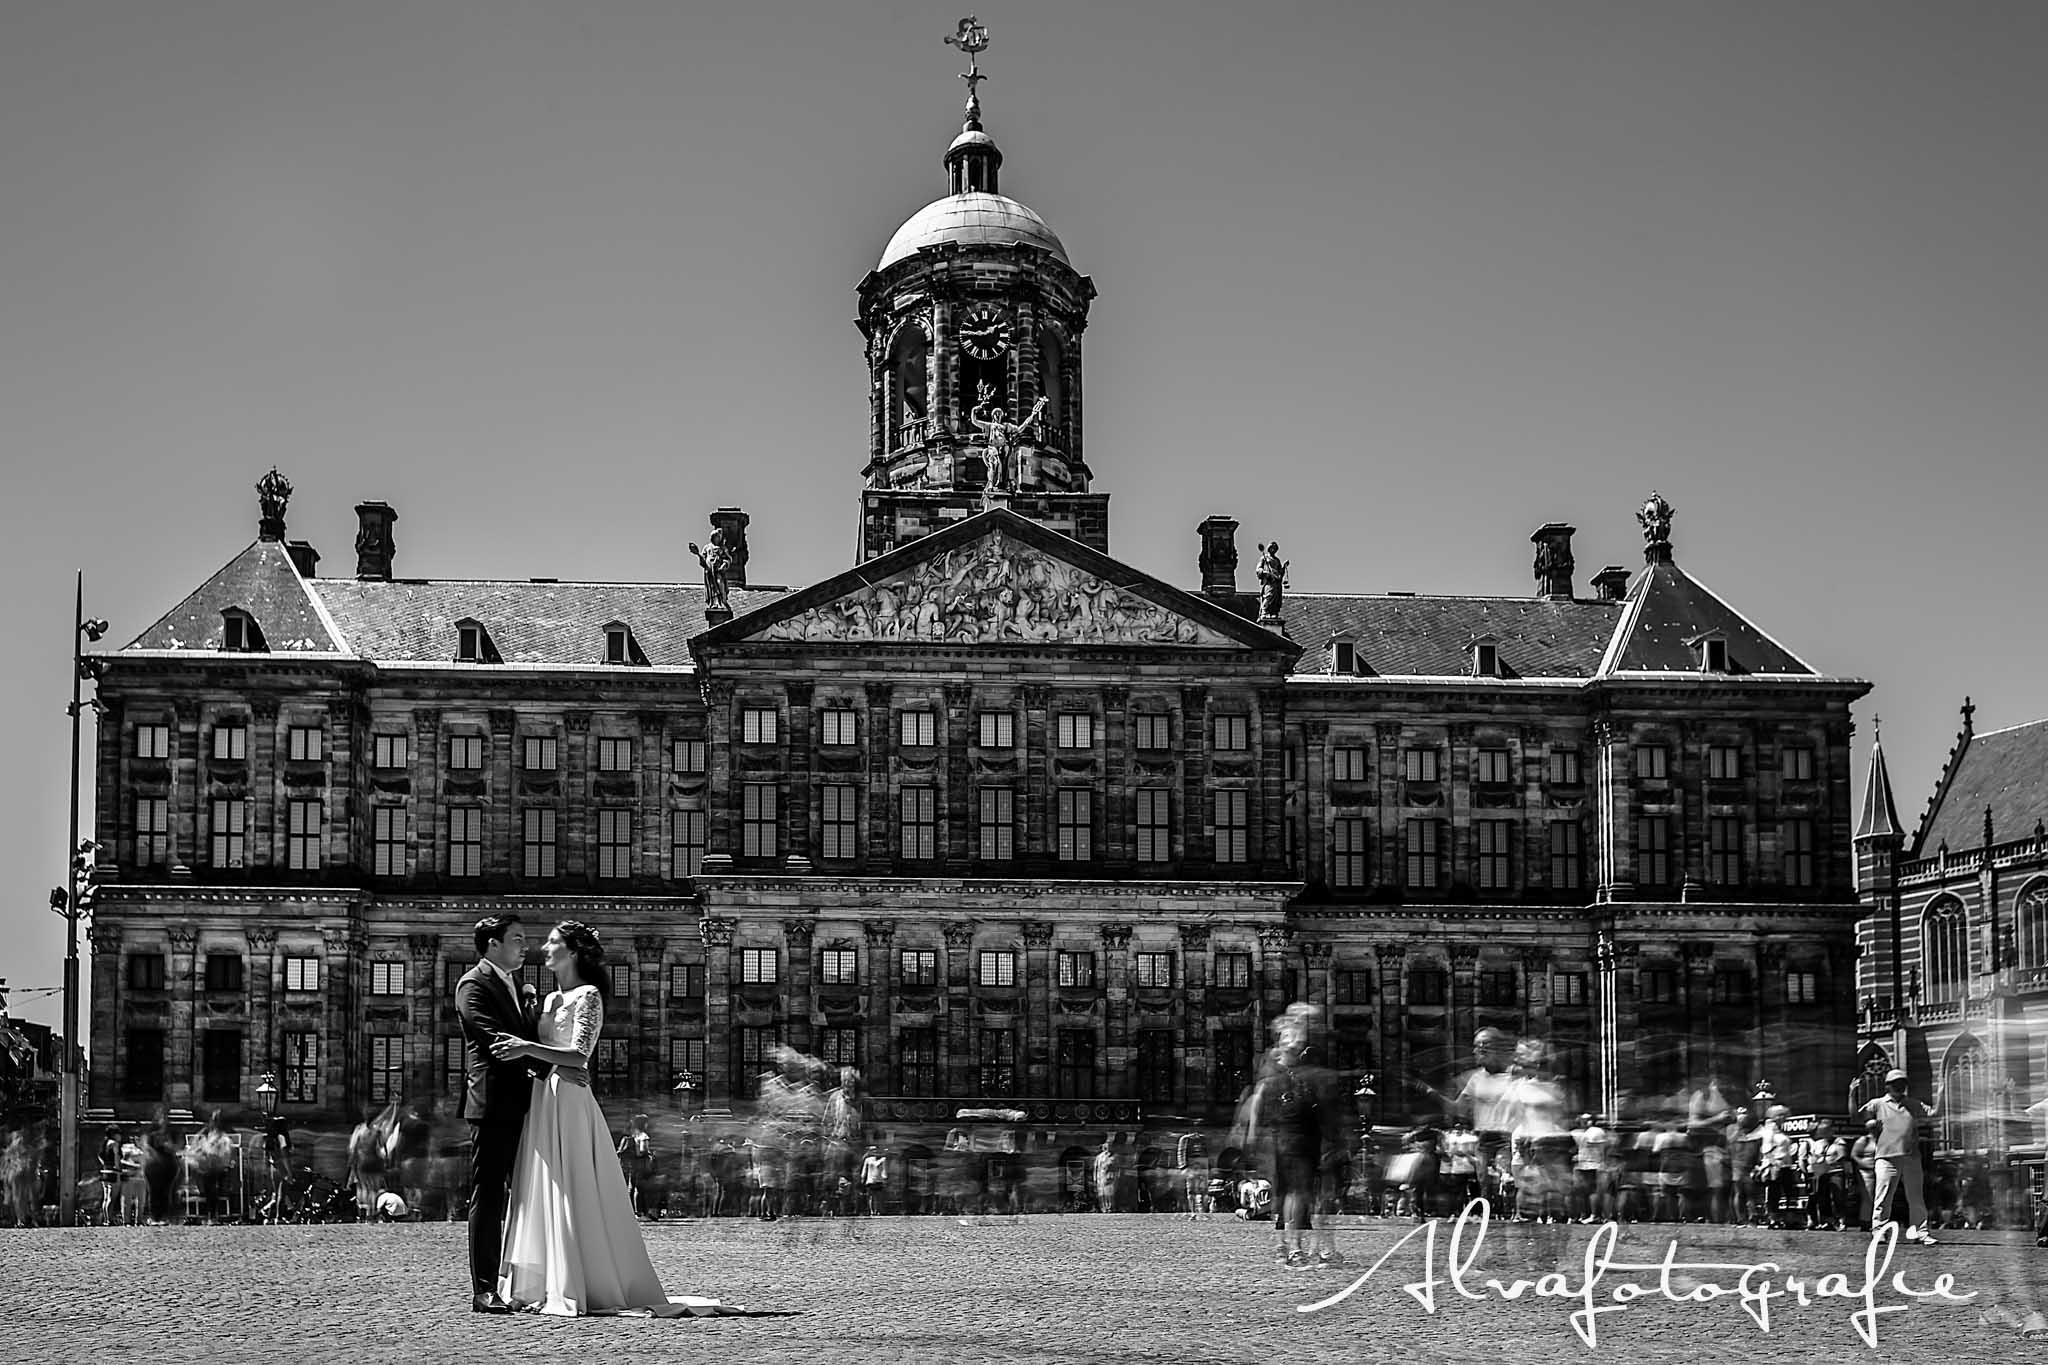 Bruiloft Maren en Tim Alvafotografie bruidspaar op de dam zwart-wit